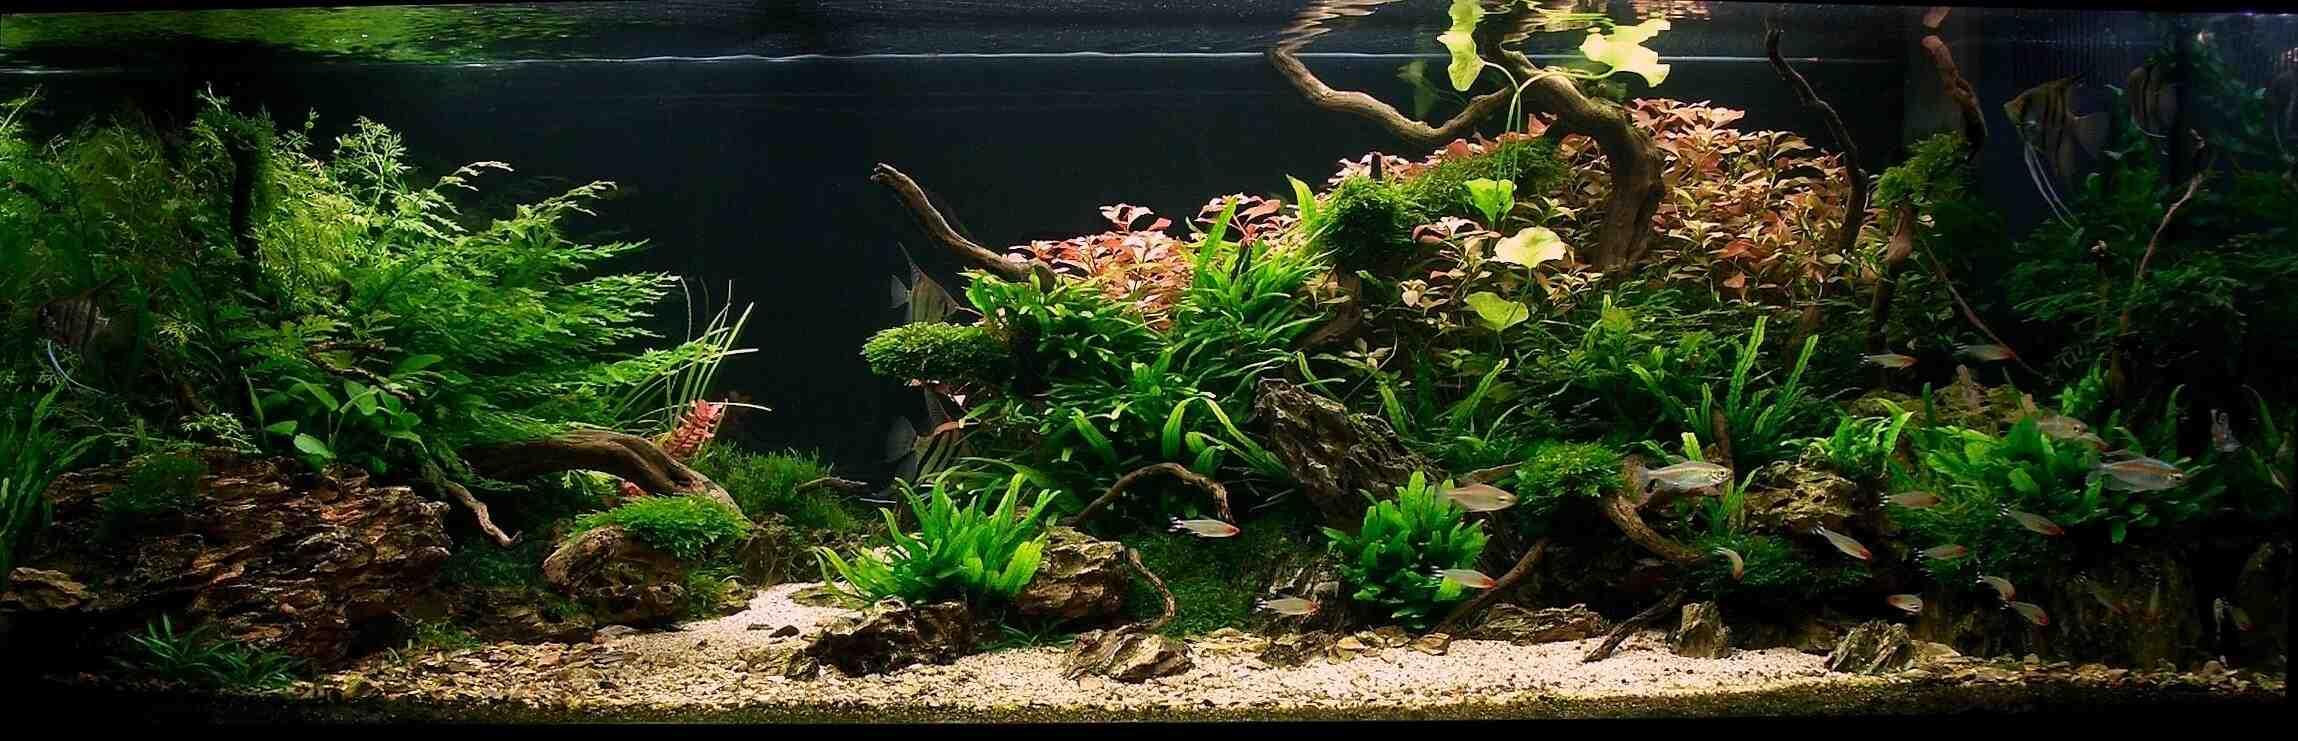 Quand mettez-vous le poisson dans un nouvel aquarium?